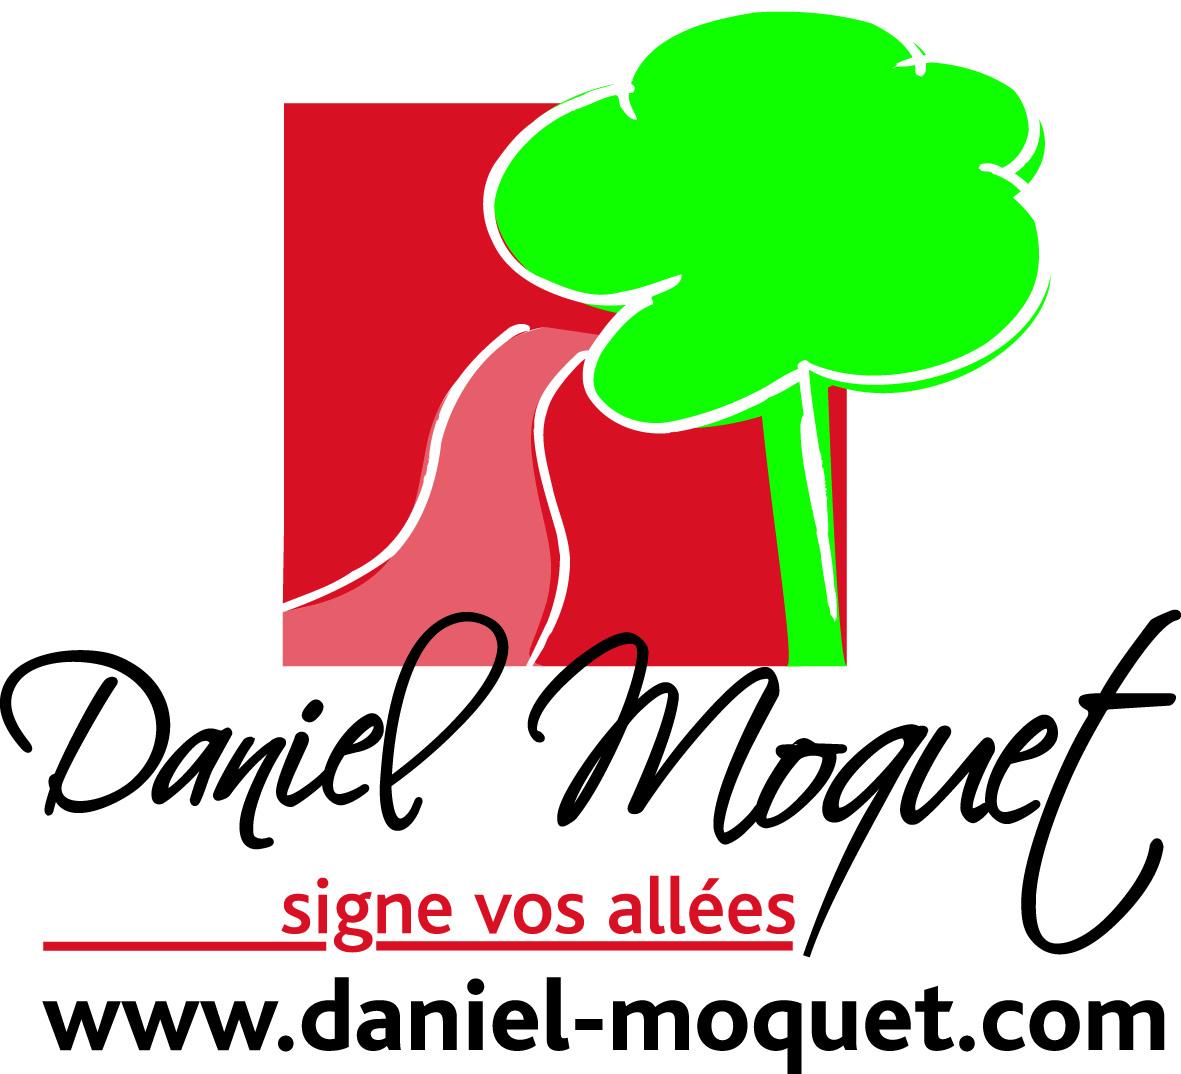 Daniel Moquet signe vos allées - Ent. Prault